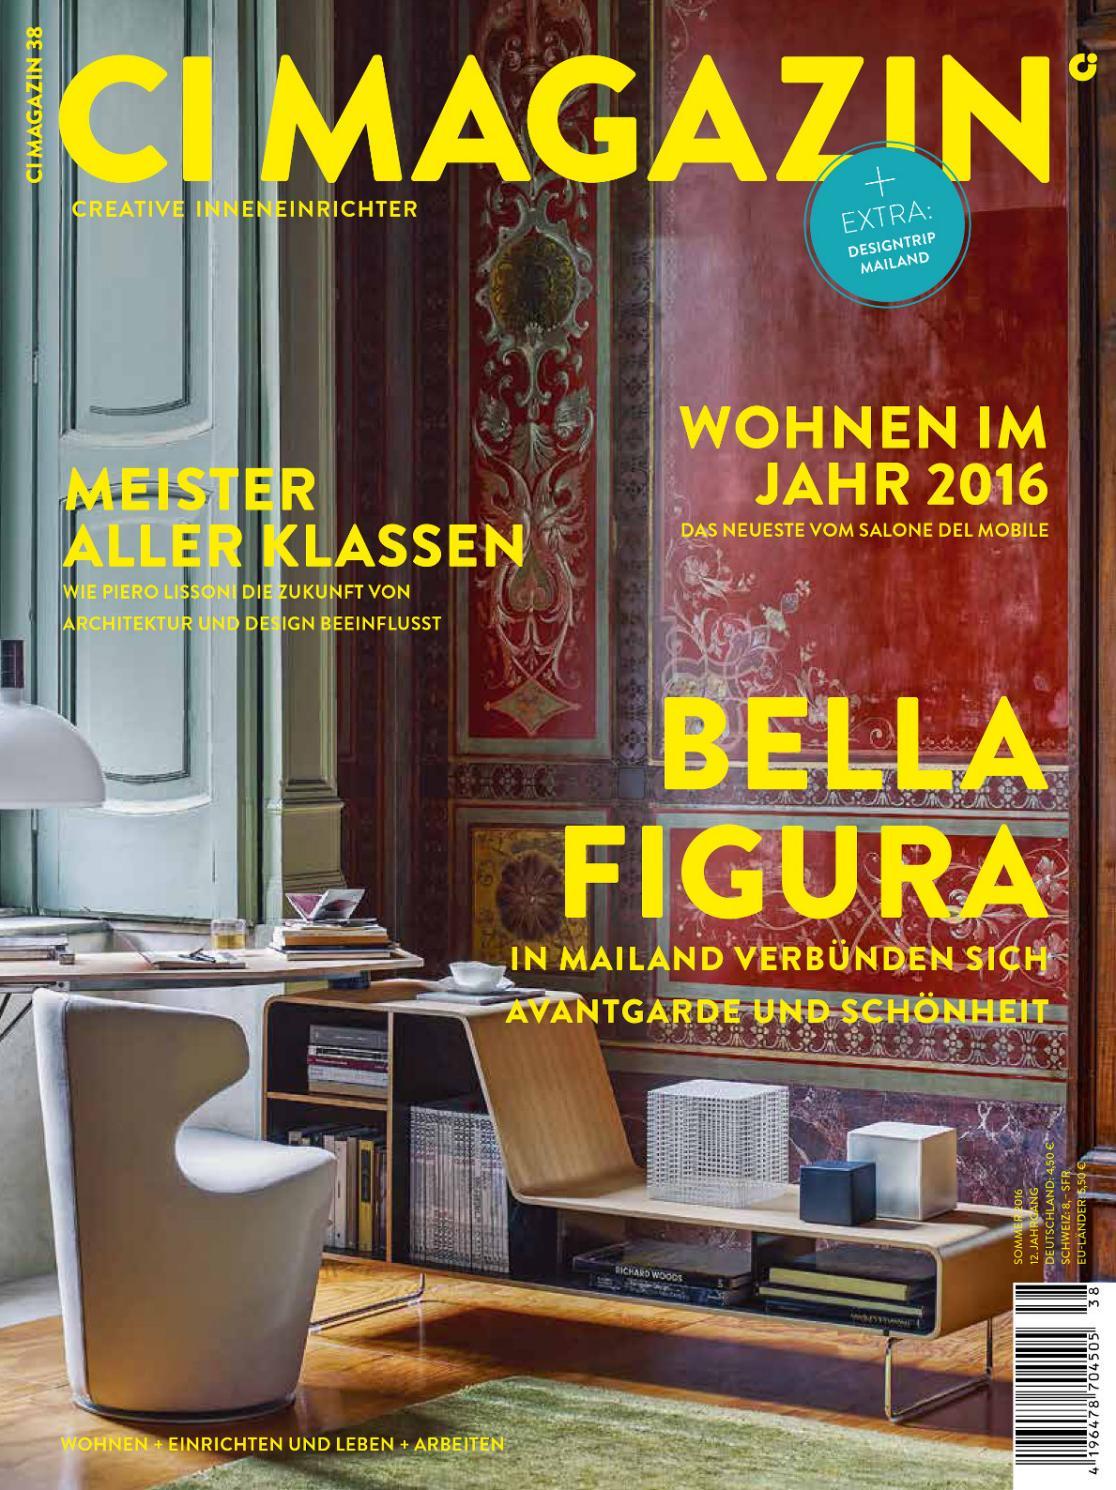 ci magazin 38 by g rtner internationale m bel issuu. Black Bedroom Furniture Sets. Home Design Ideas